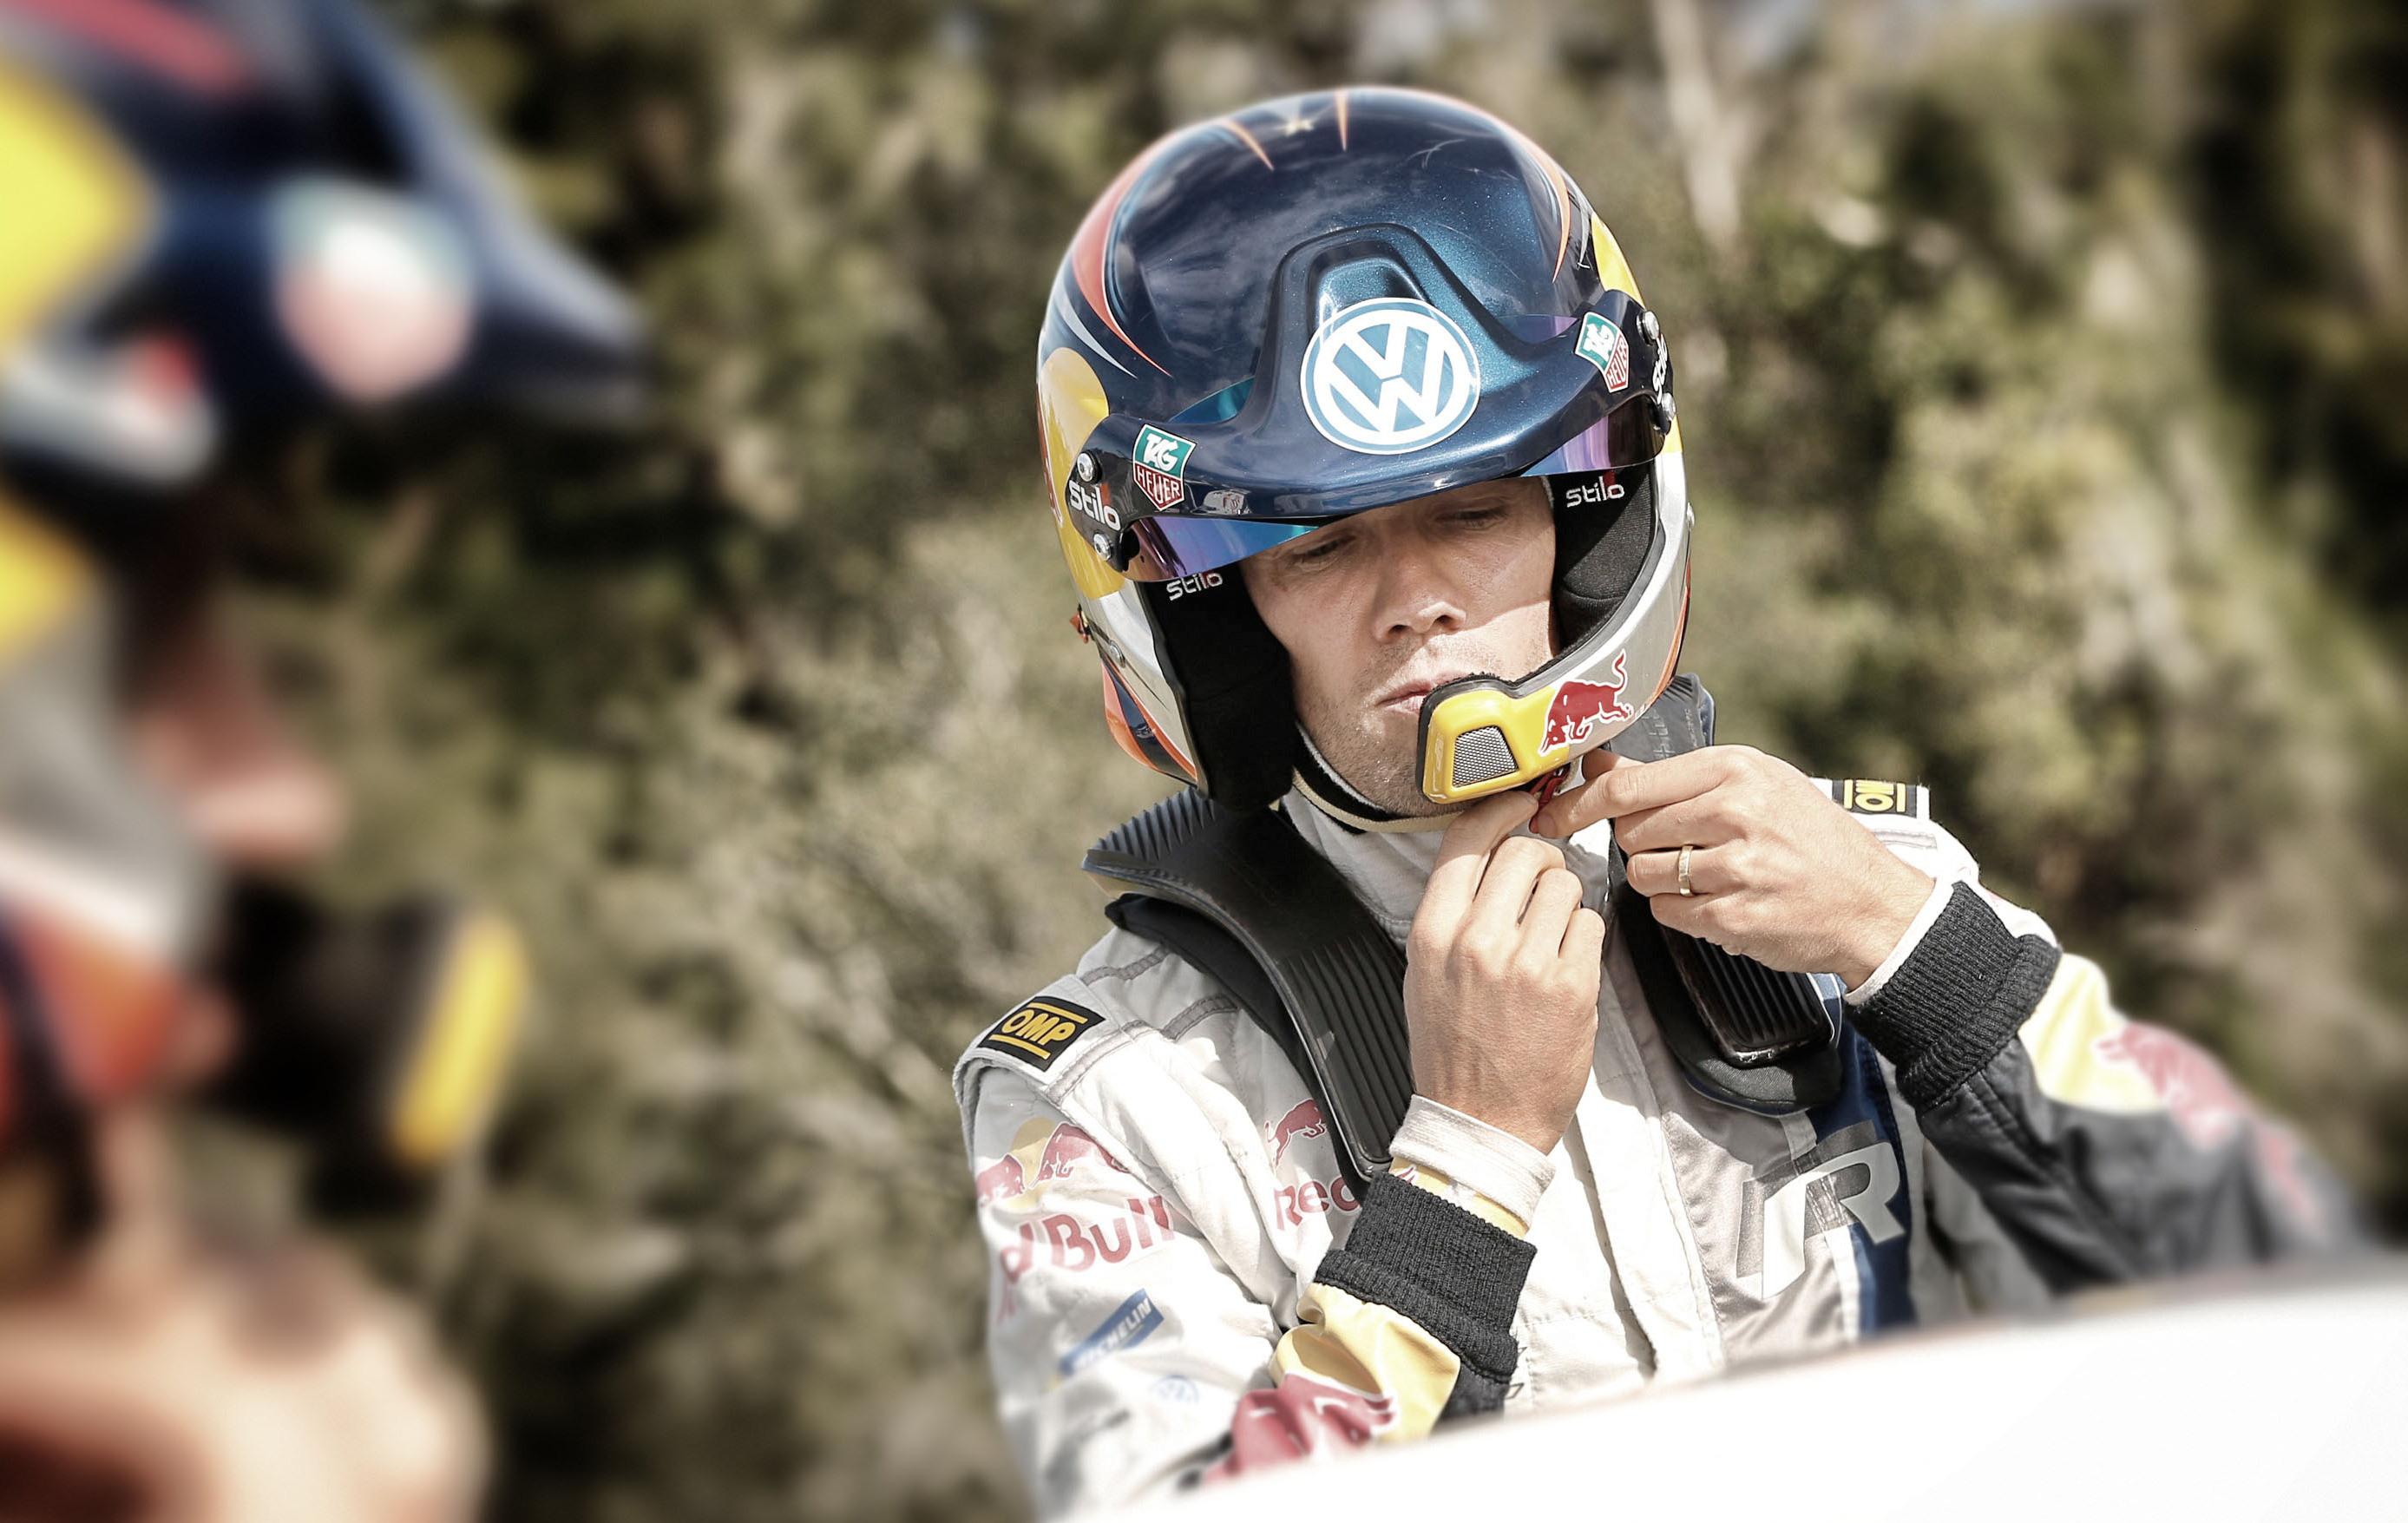 Rallye - Ogier, ce ne sera pas pour ce week-end